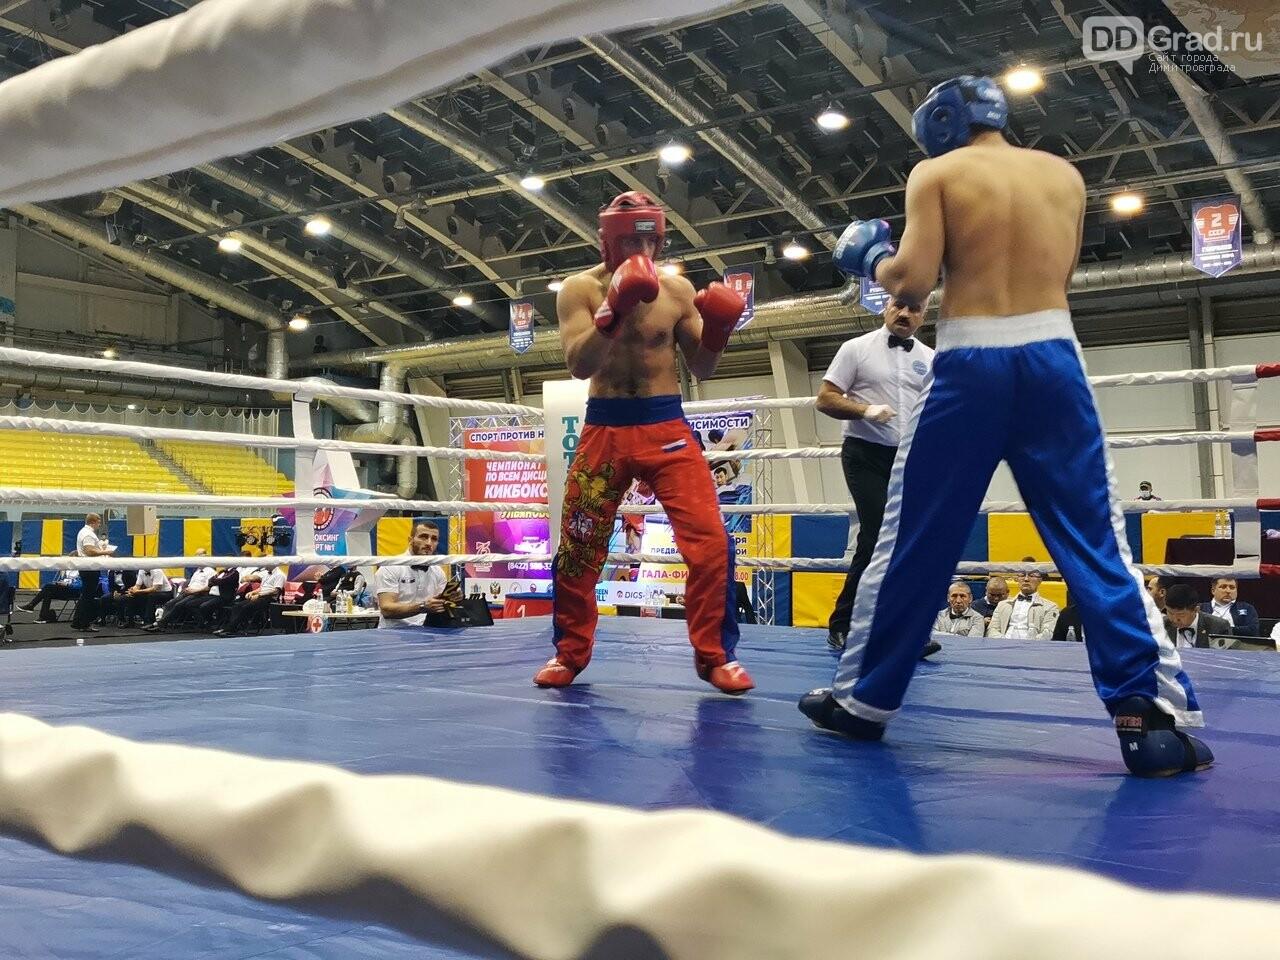 В Ульяновске проходит чемпионат России по кикбоксингу, фото-2